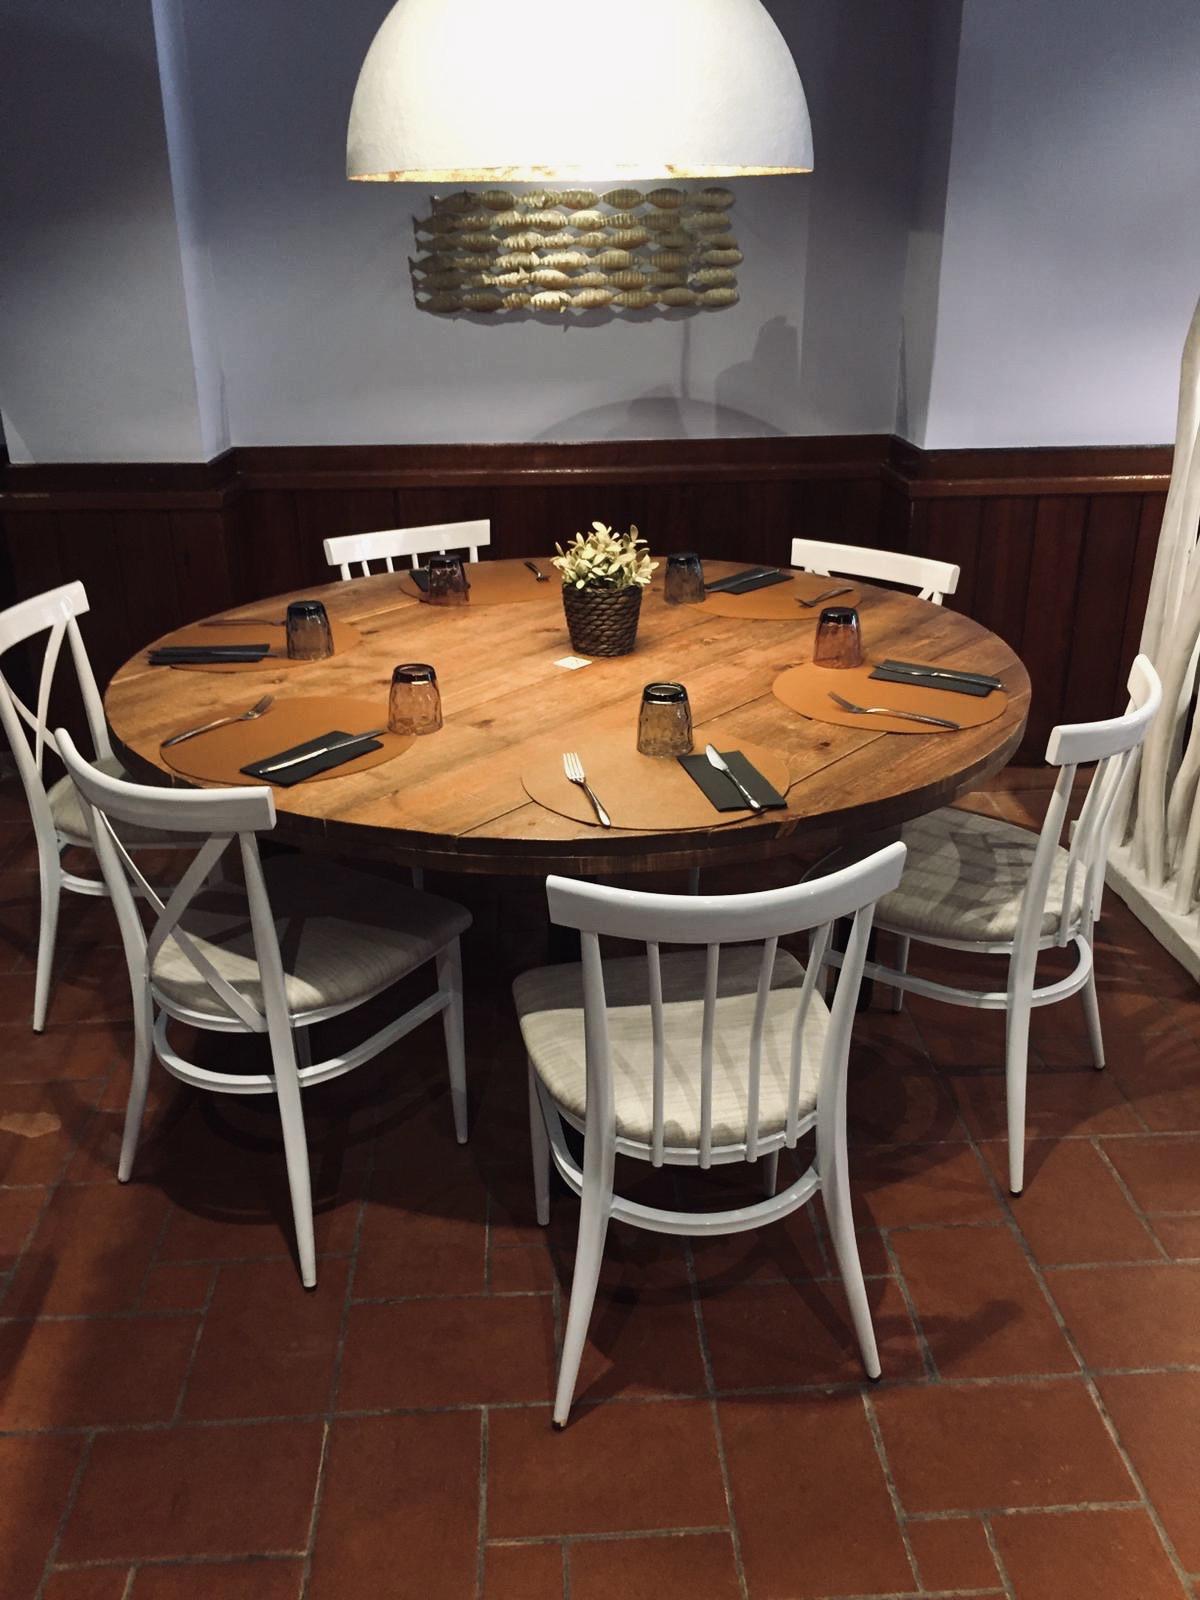 instalación de sillas báltimore blancas en mesa redonda REYMA